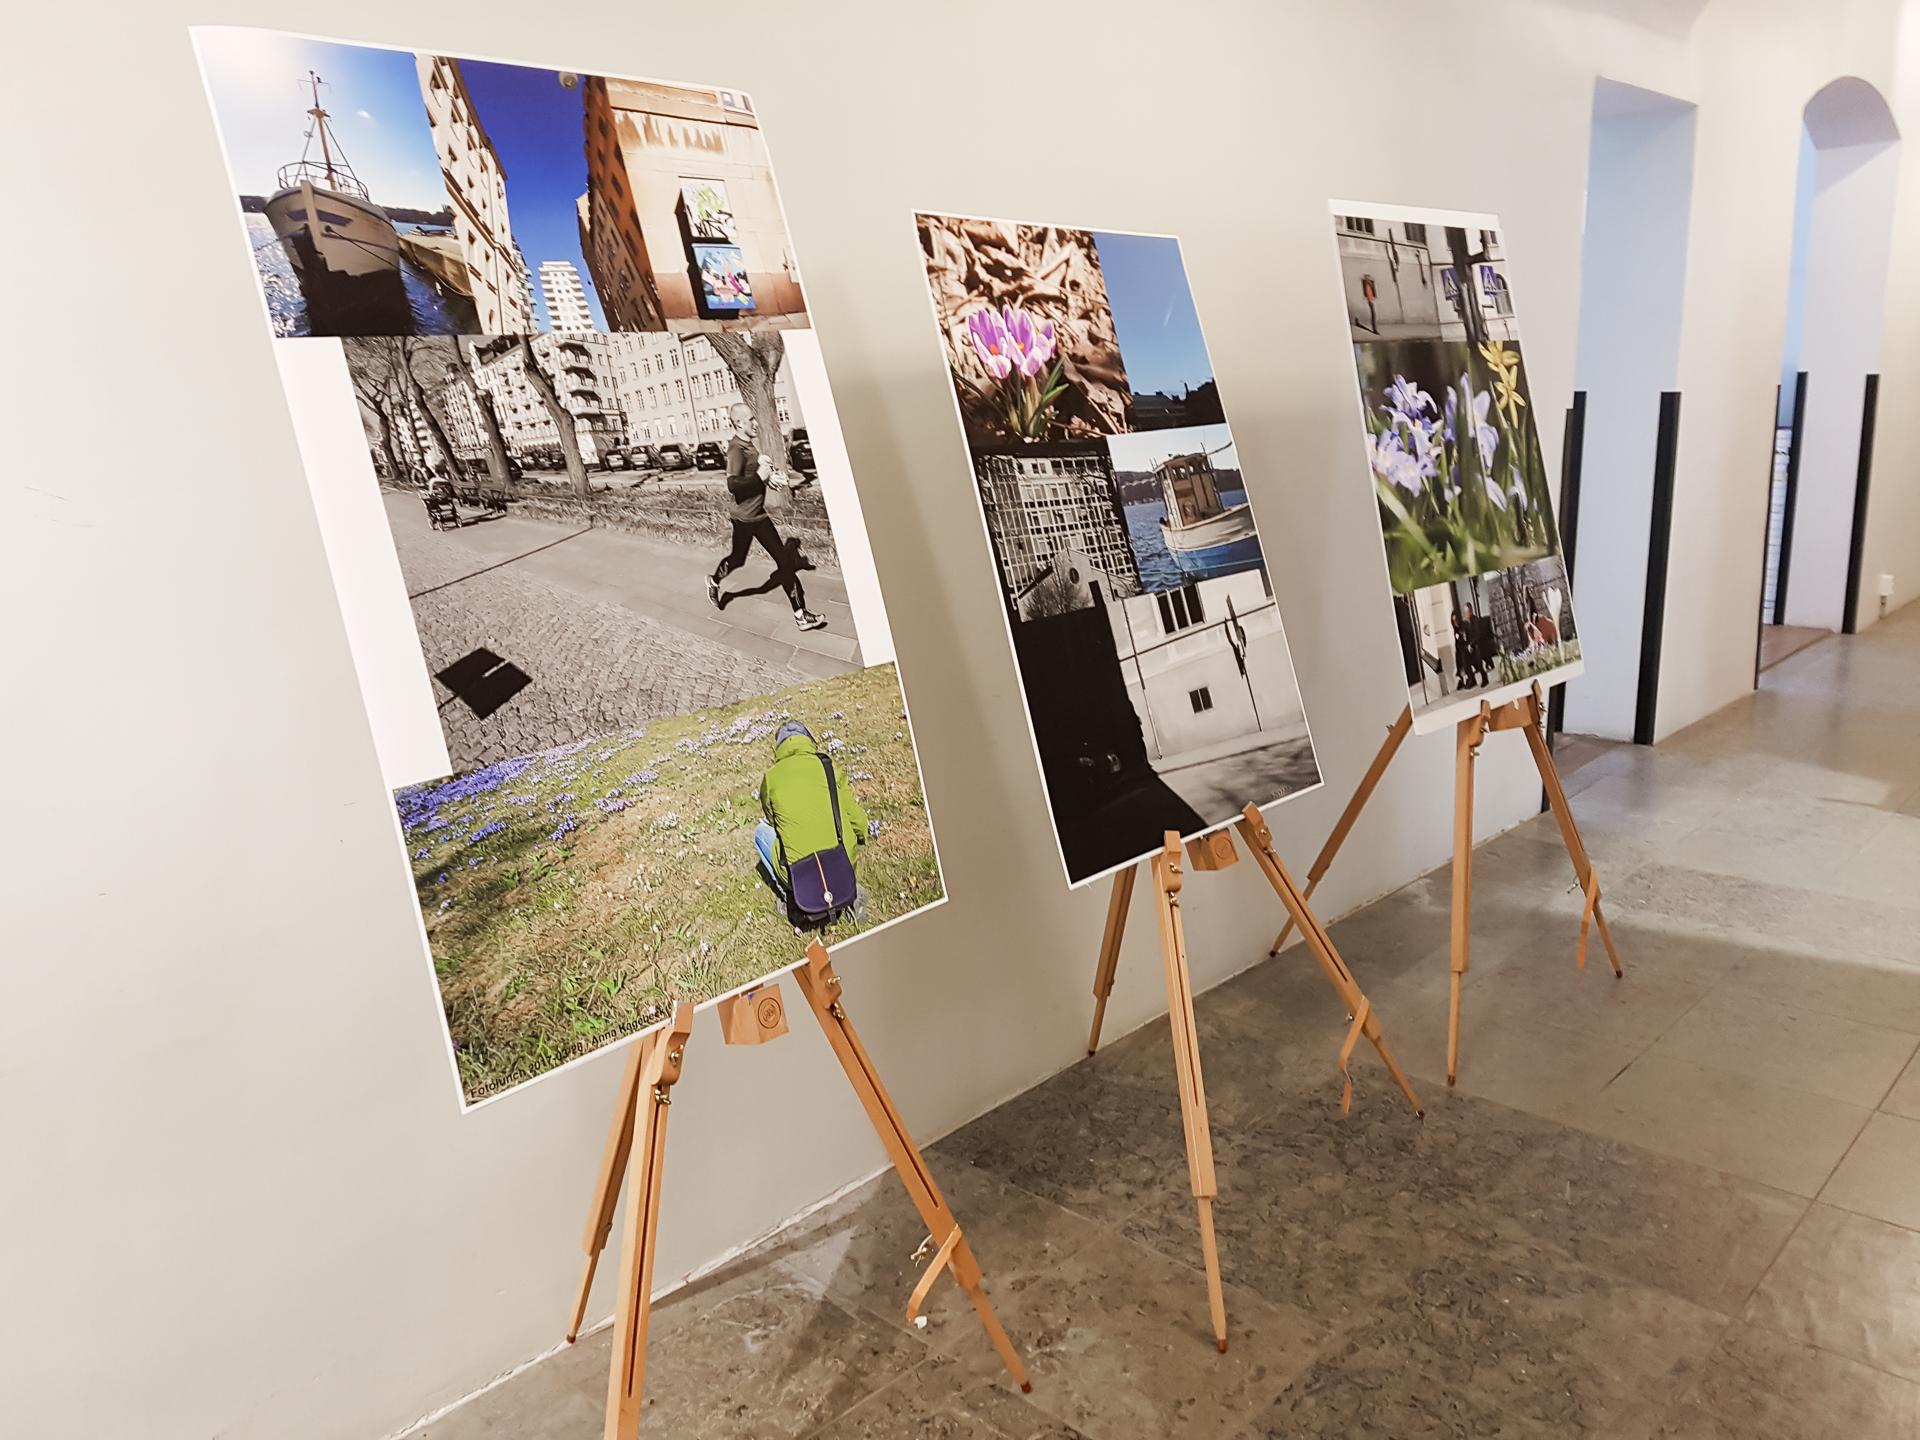 Tre stafflier med fem bilder på varje uppställda i en korridor